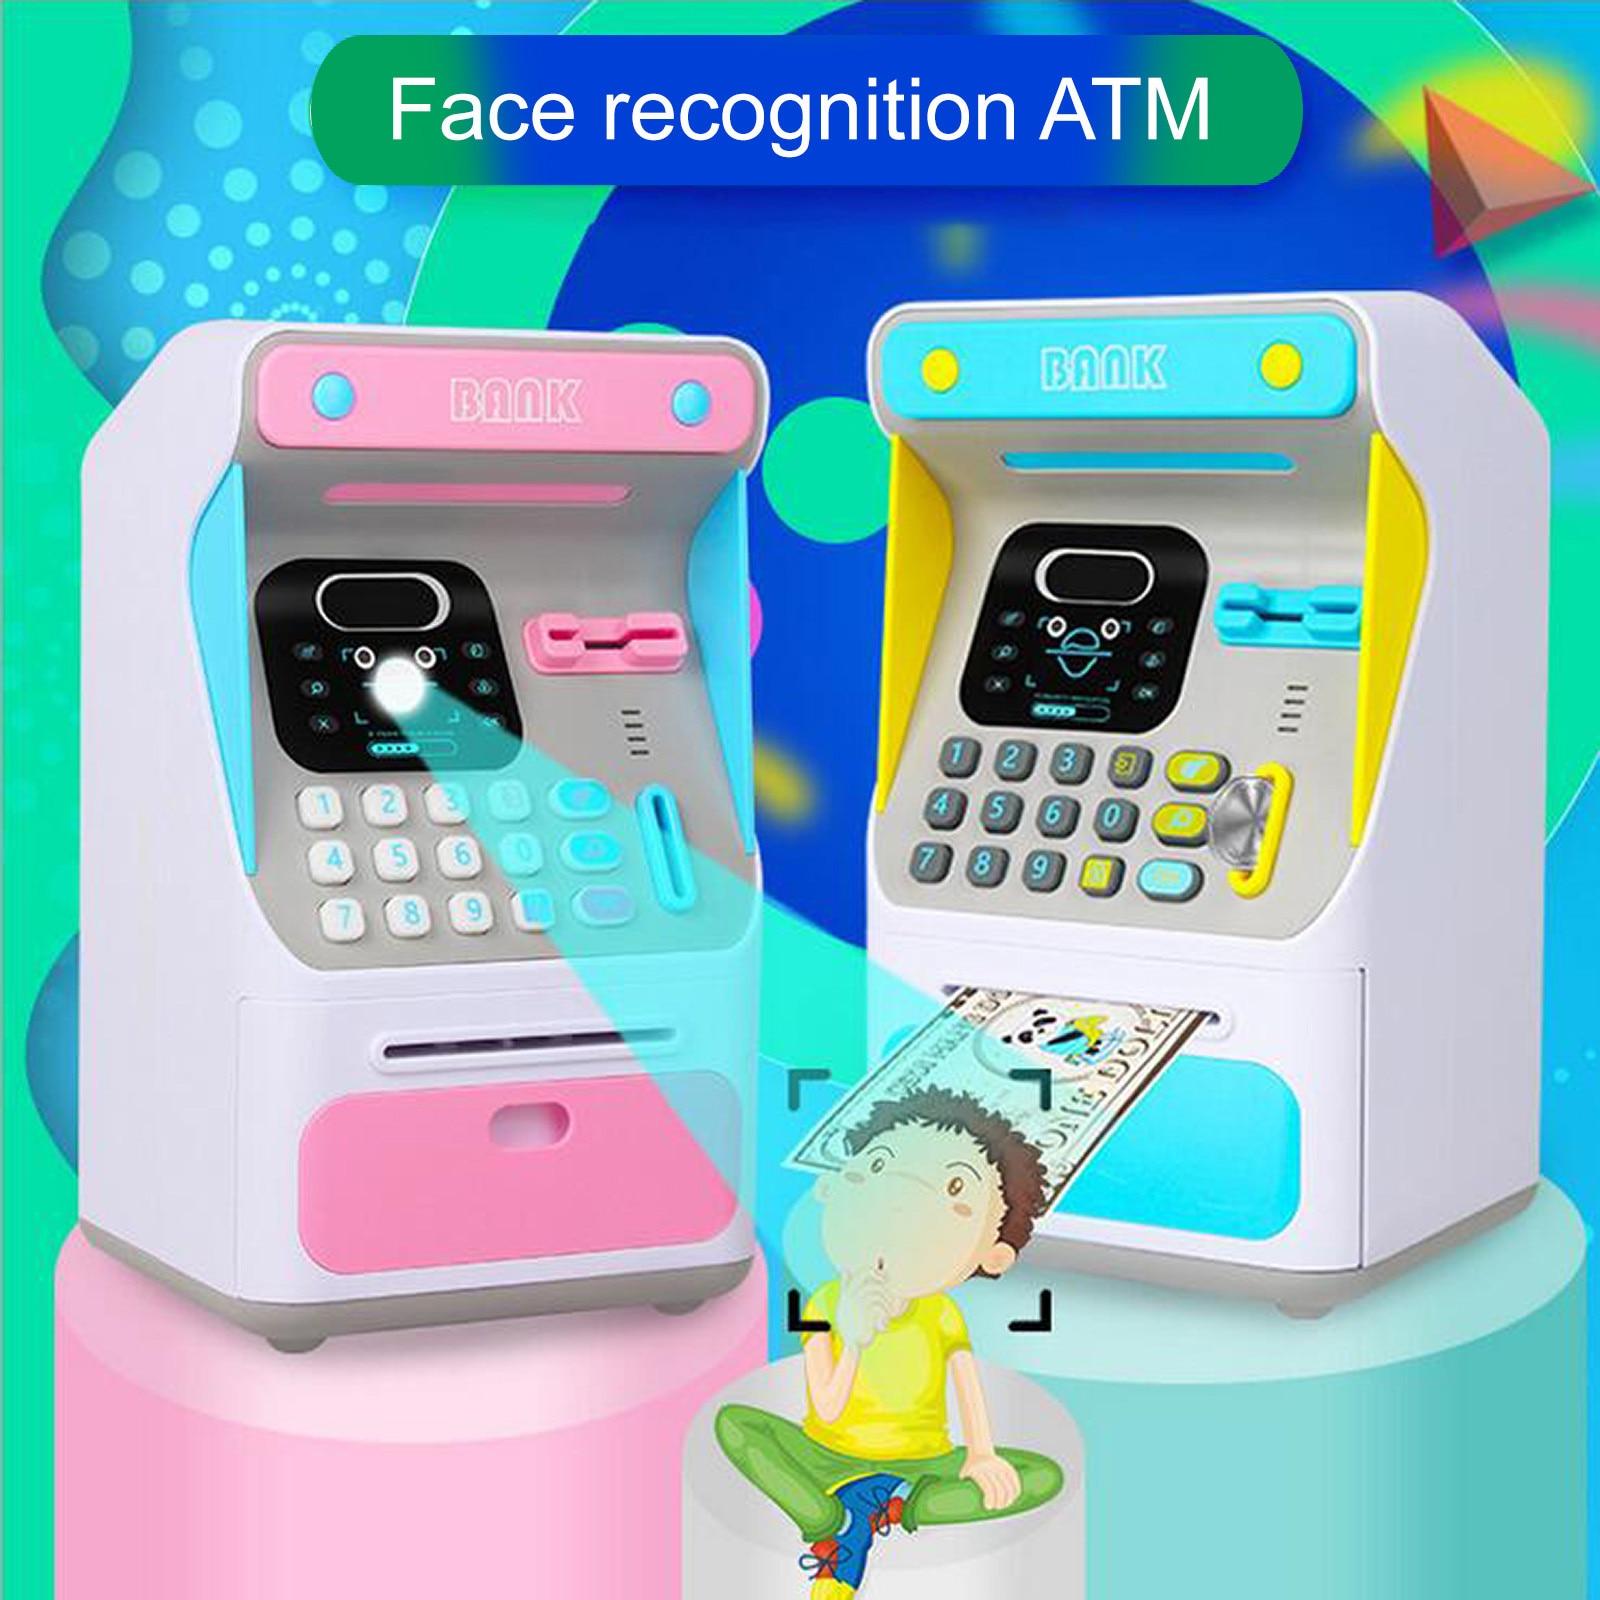 Aqumotic-máquina automática de depósito y retiro de dinero para niños, tarjeta de gran capacidad con contraseña, hucha, caja de ahorro, Juguetes